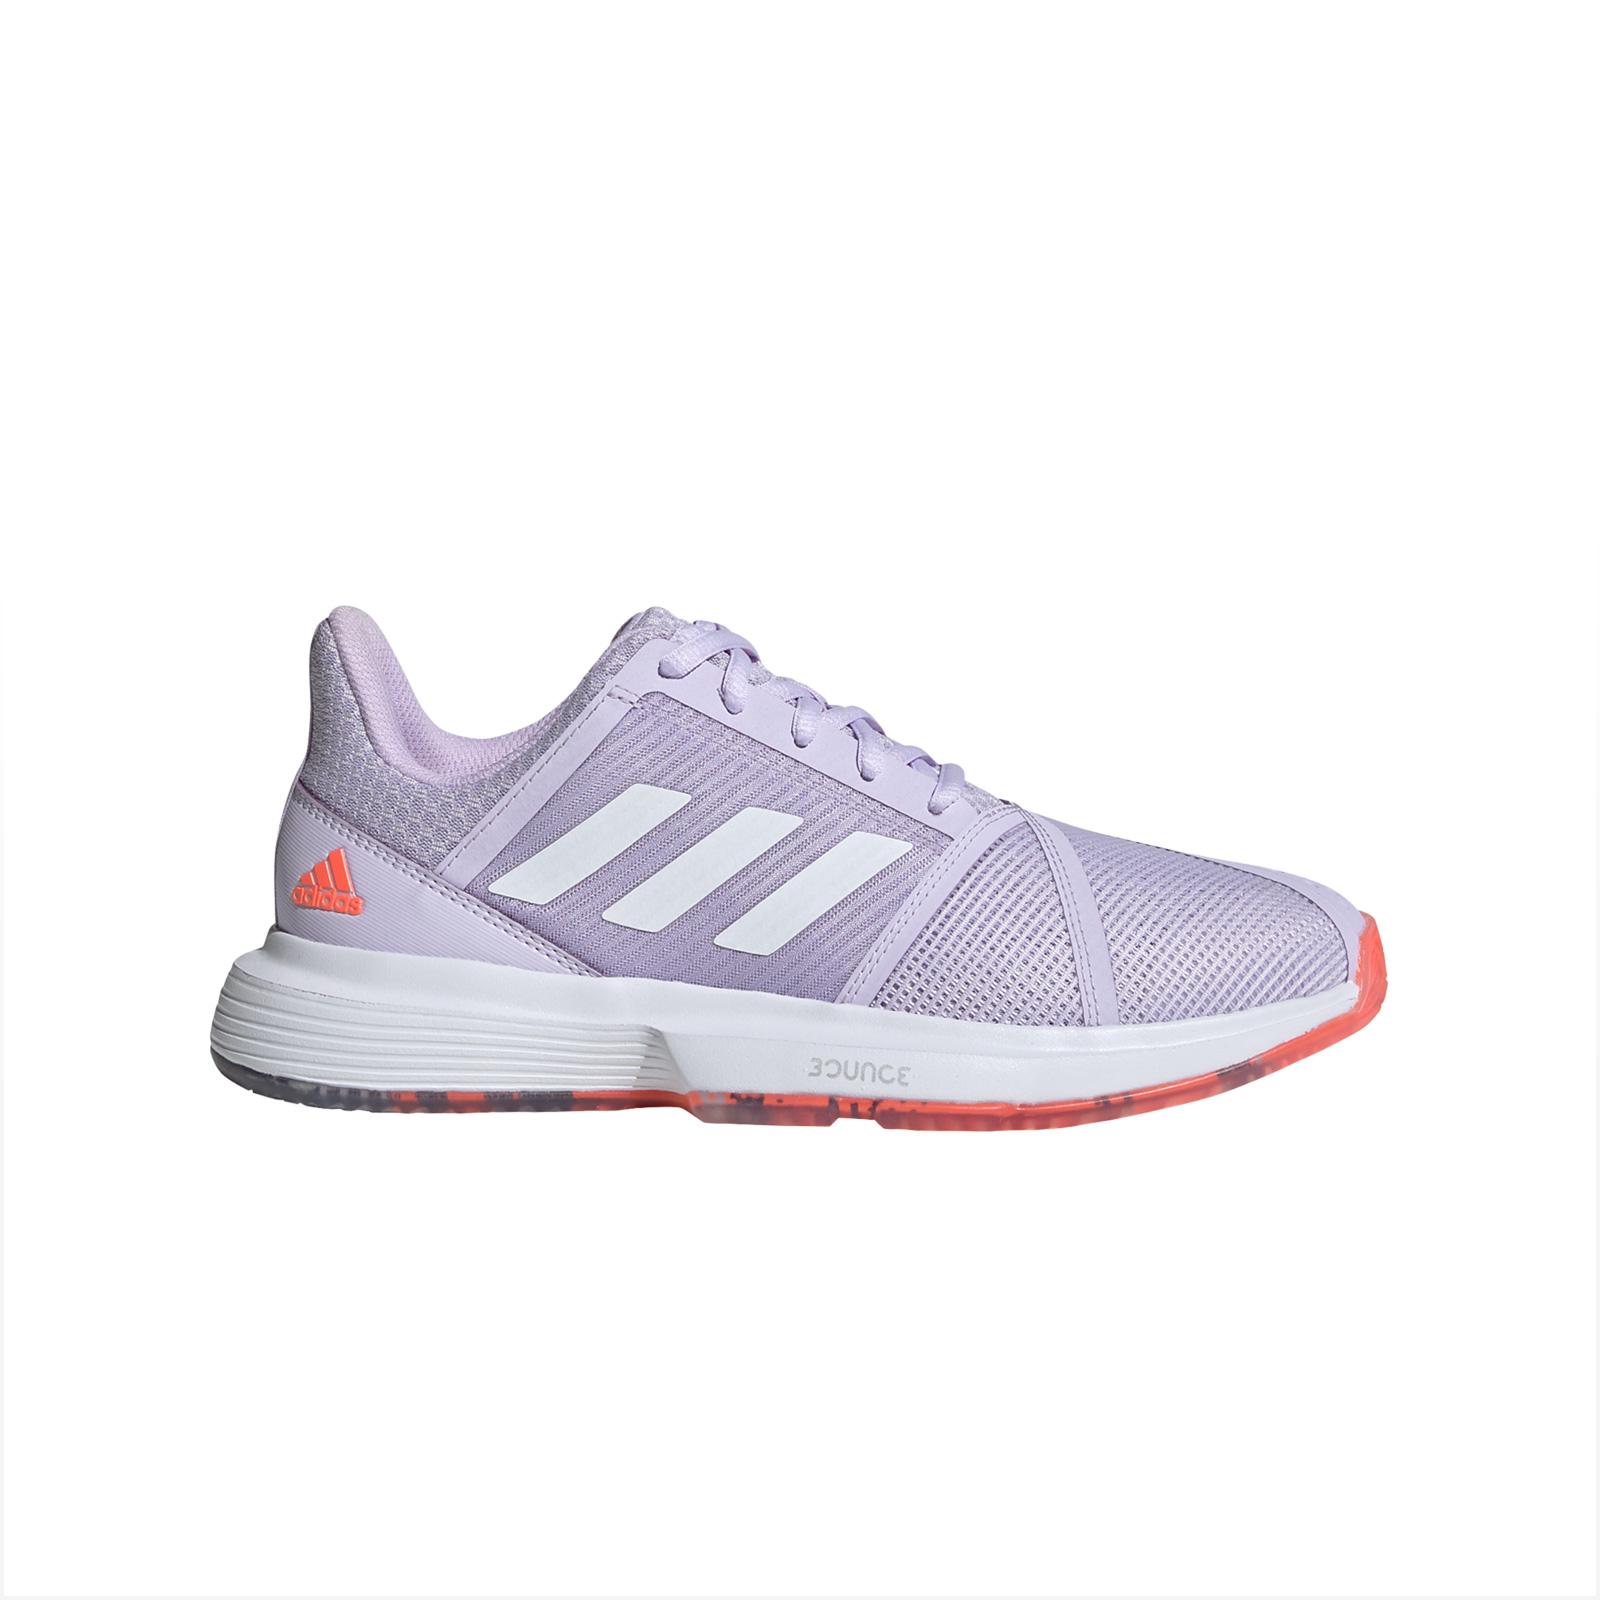 Παπούτσια PRPTNT χρώμα EXEM SHOES   EXEM SHOES